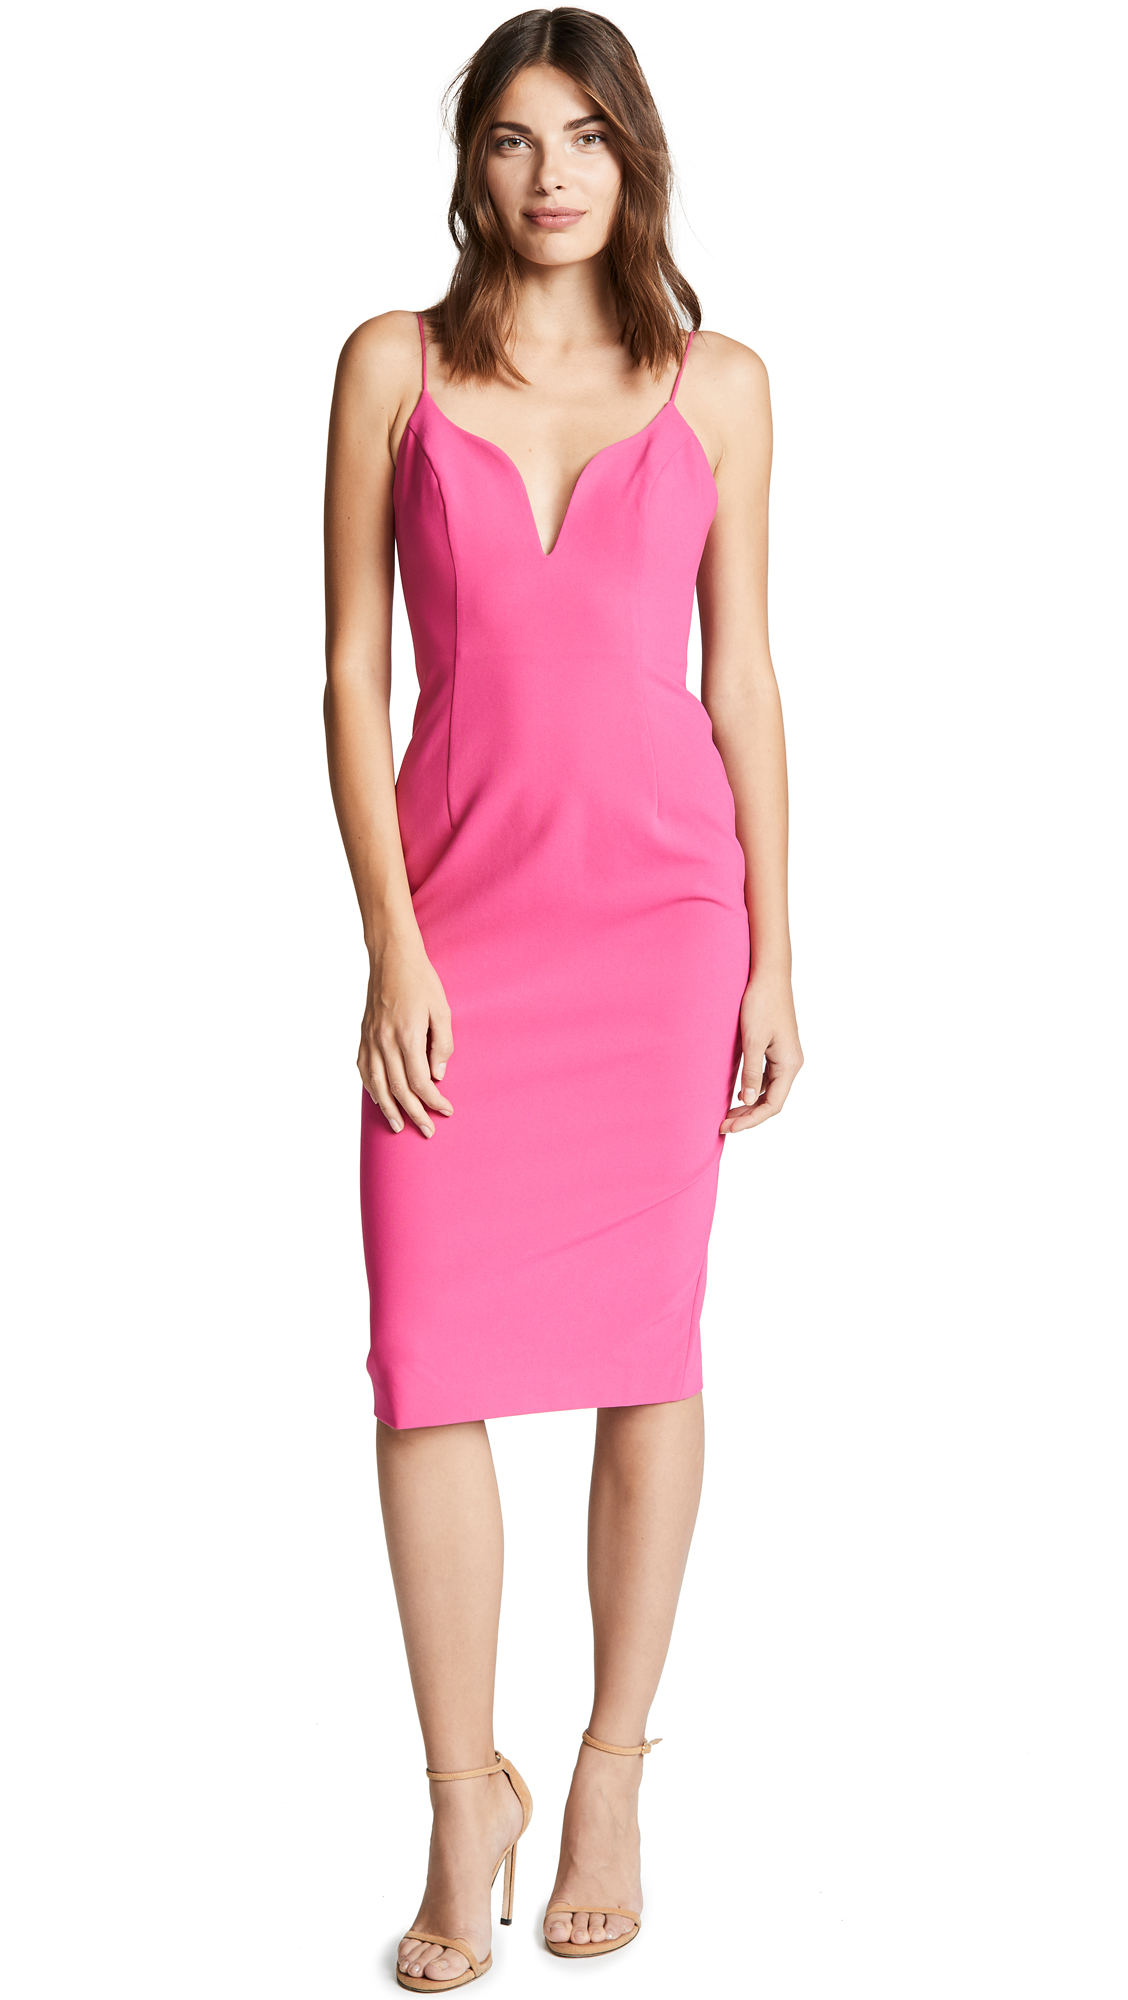 Jill Jill Stuart Midi Dress - Hot Pink